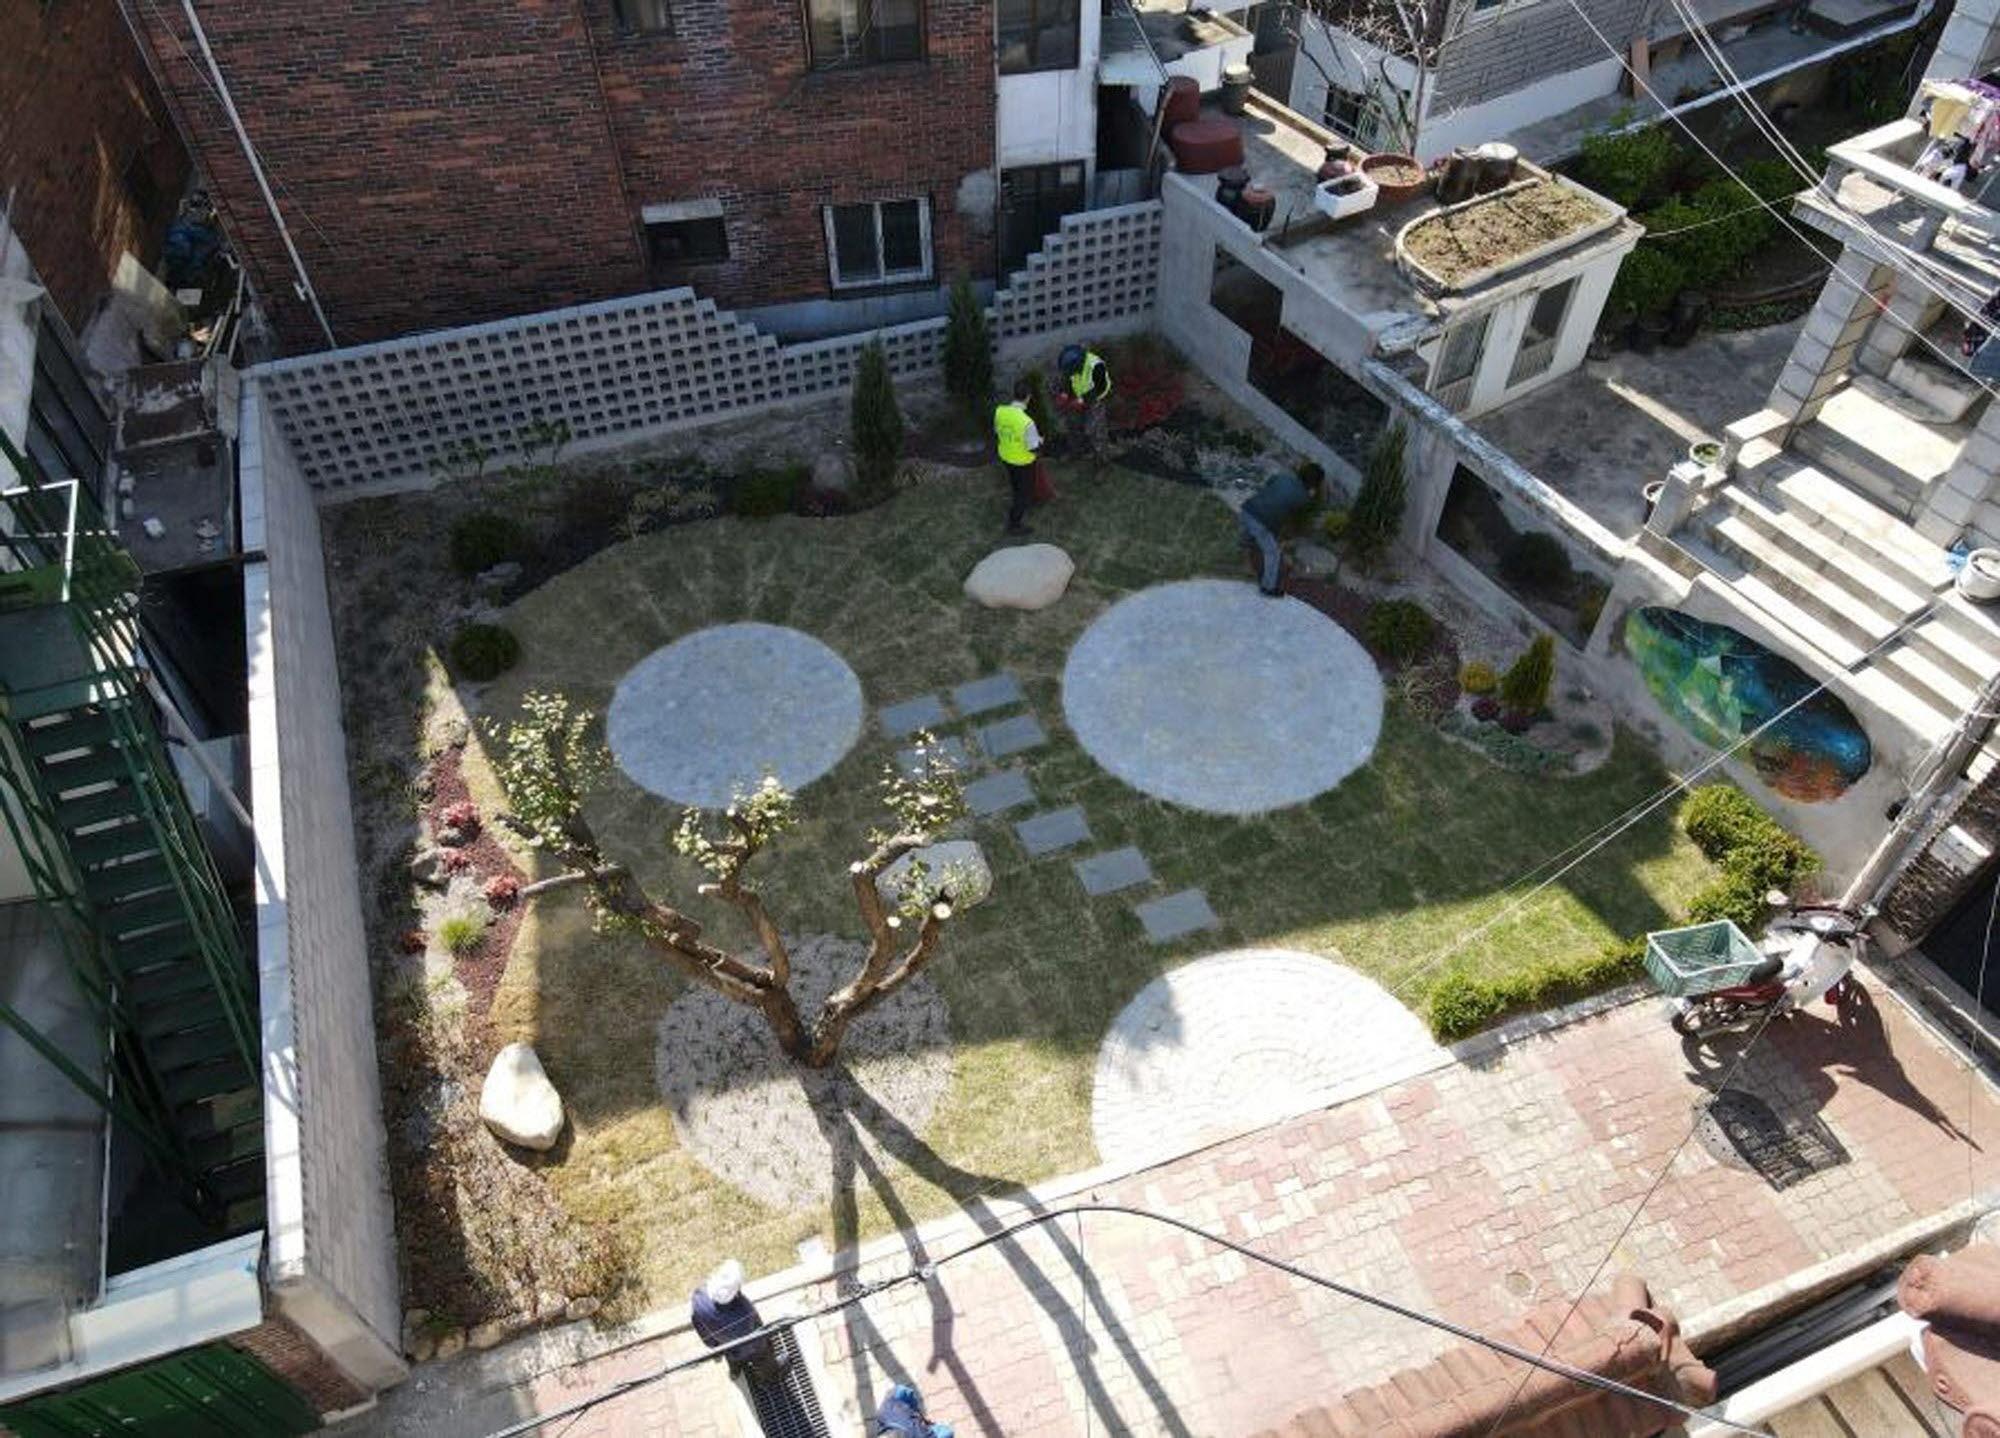 〔ANN의 뉴스 포커스〕 방치된 서울 시내 빈집 17개소, 초록빛 생활정원으로 탈바꿈한다